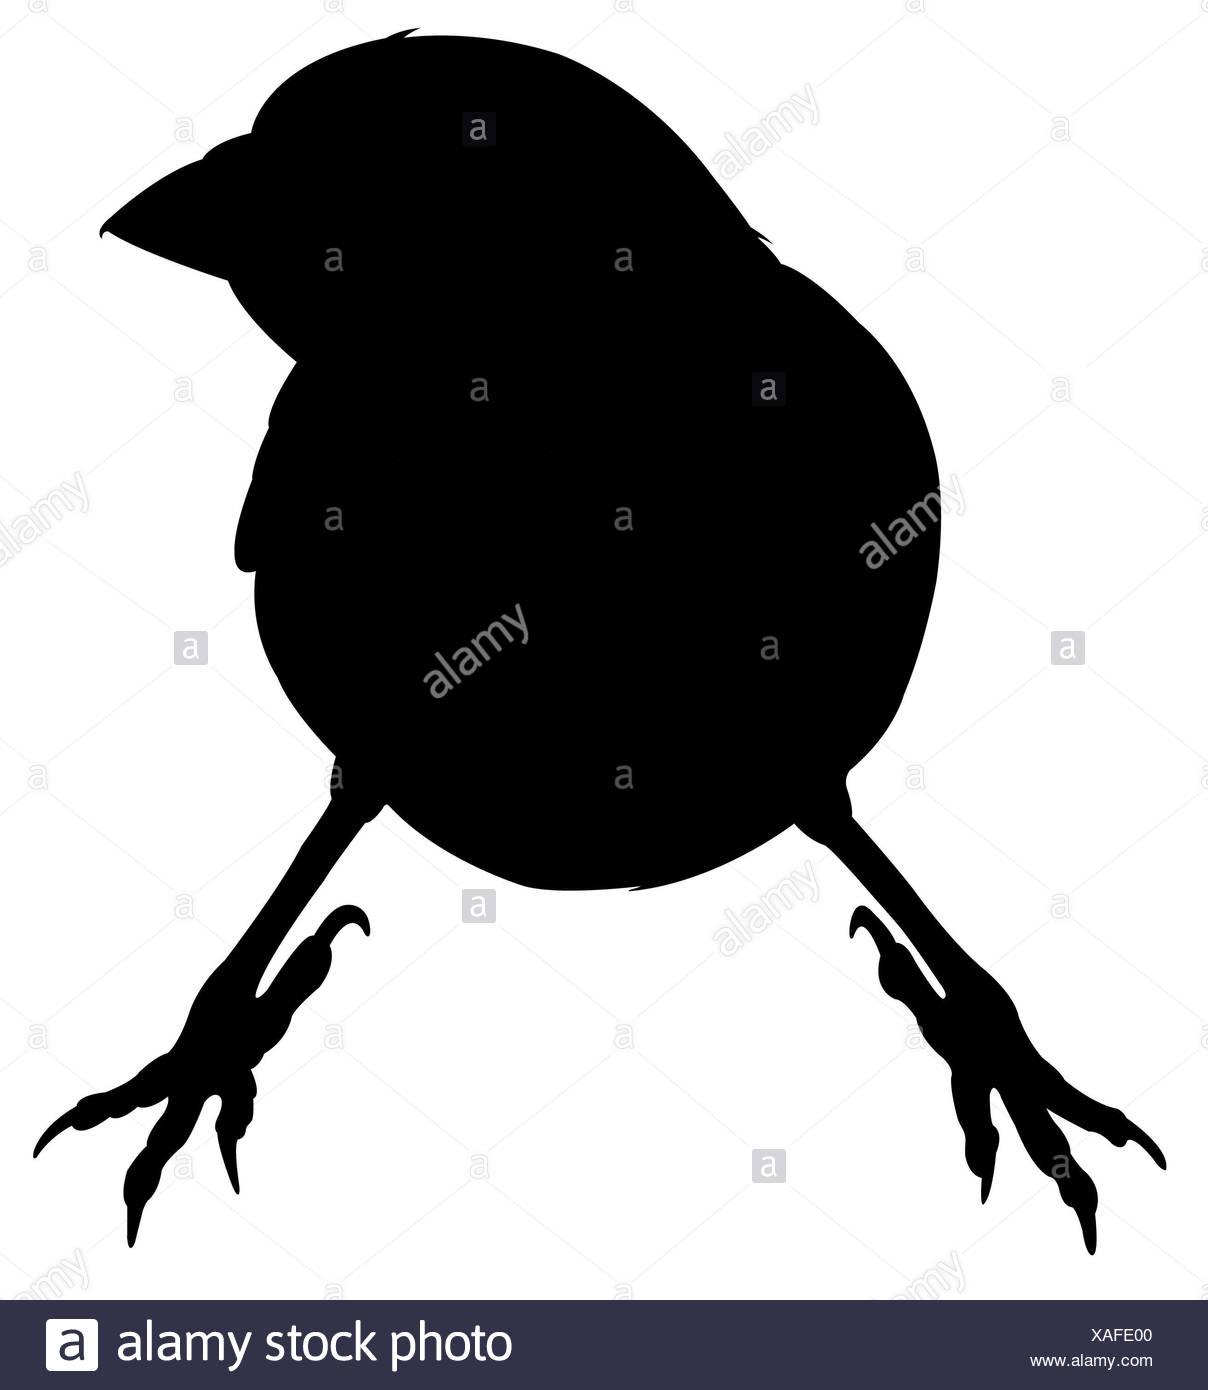 Ein Spatz silhouette Vektor Stockbild